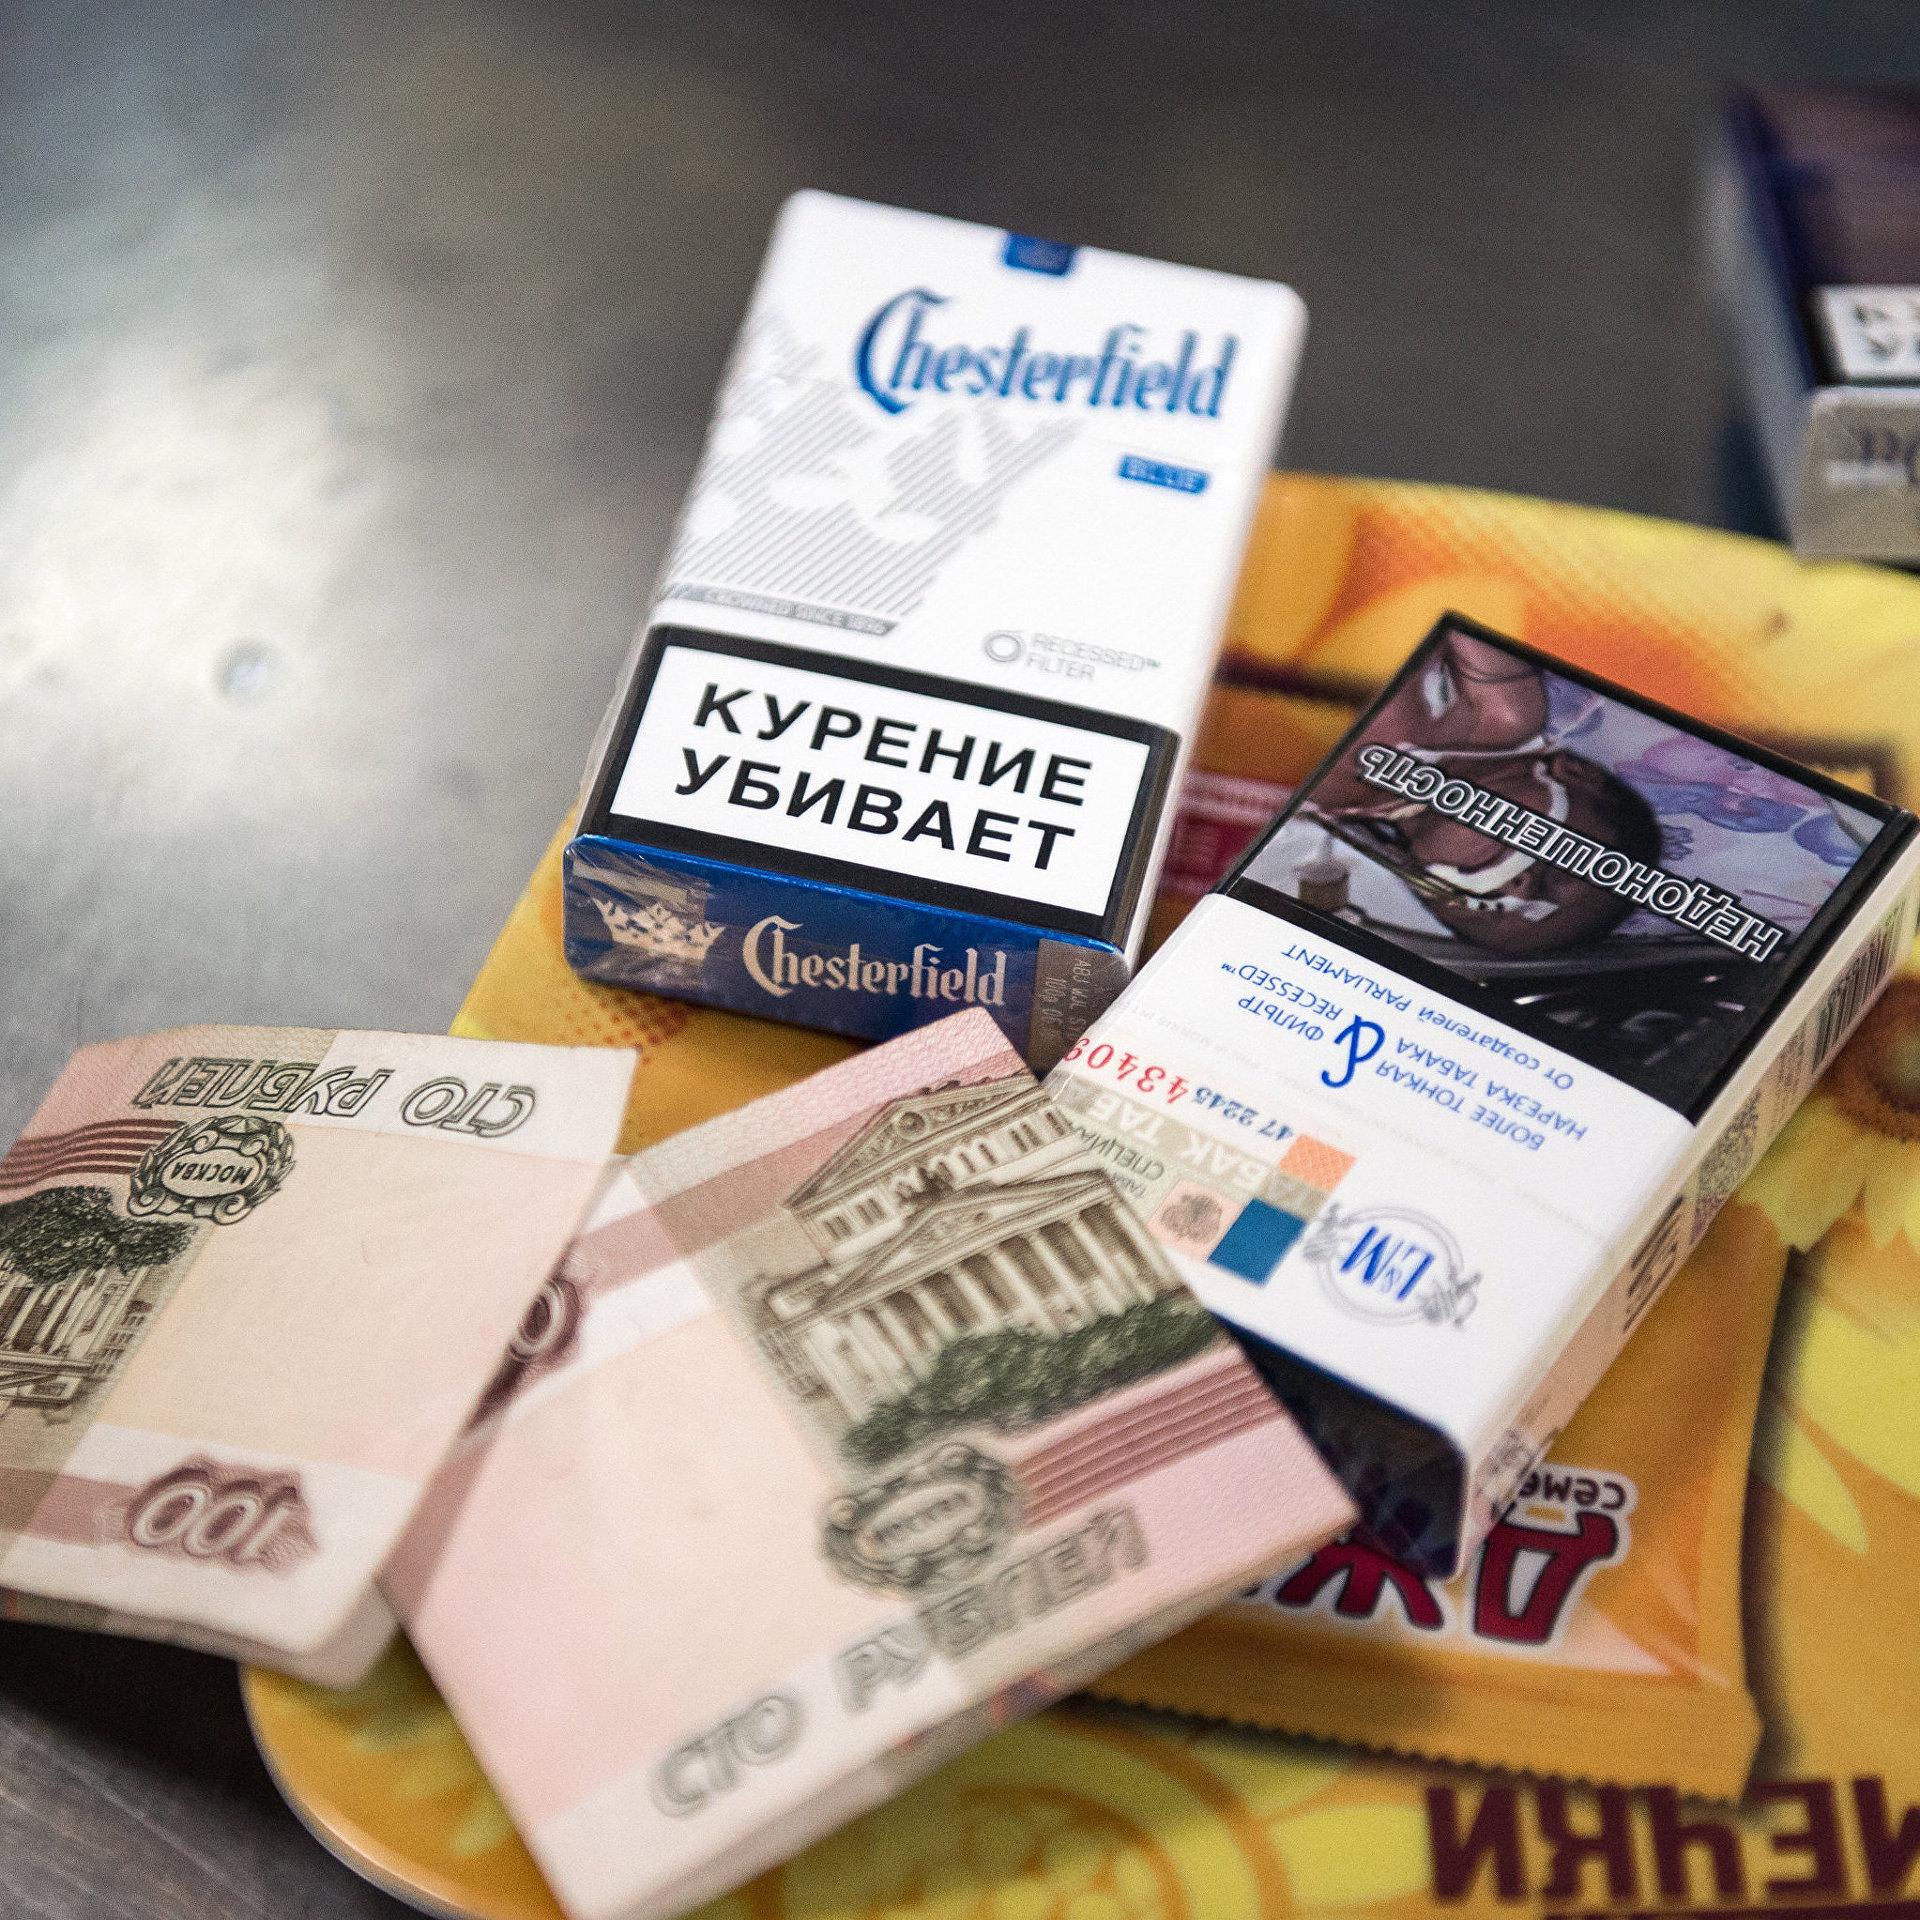 Табак для сигарет развесной купить в ростове на дону вк электронные сигареты заказать в китае